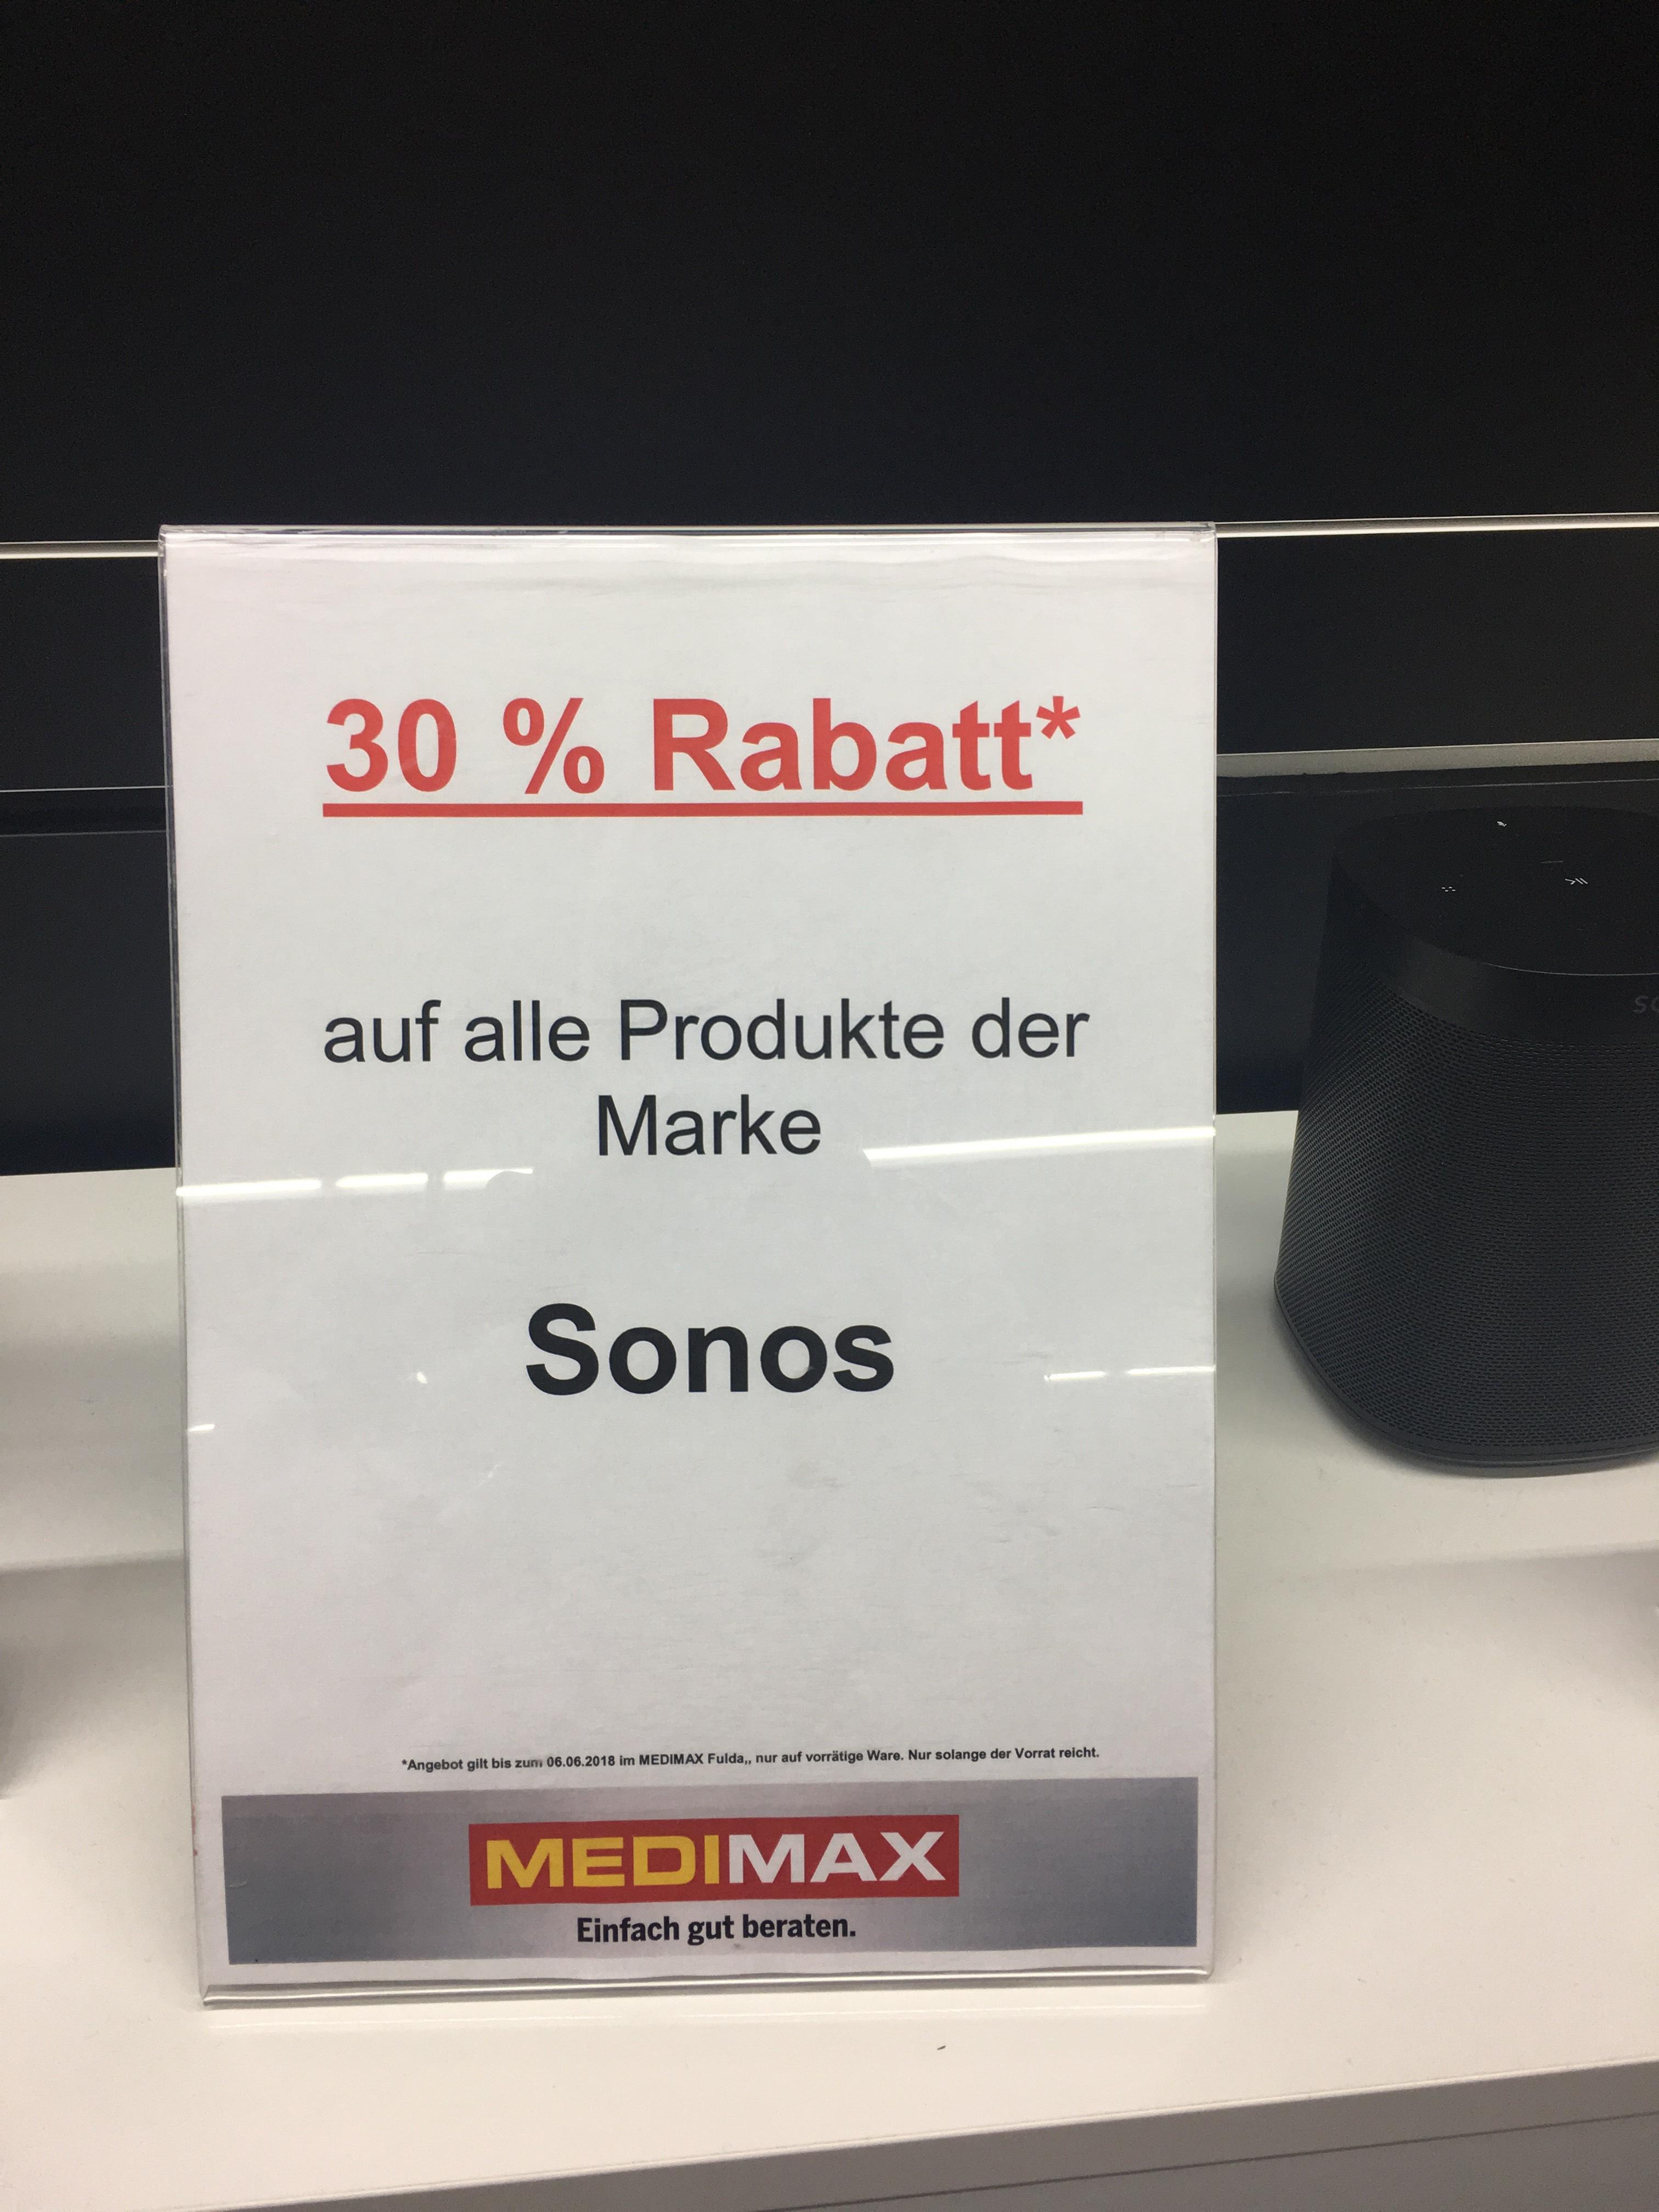 (LOKAL) 30 % Rabatt auf Sonos MEDIMAX Fulda